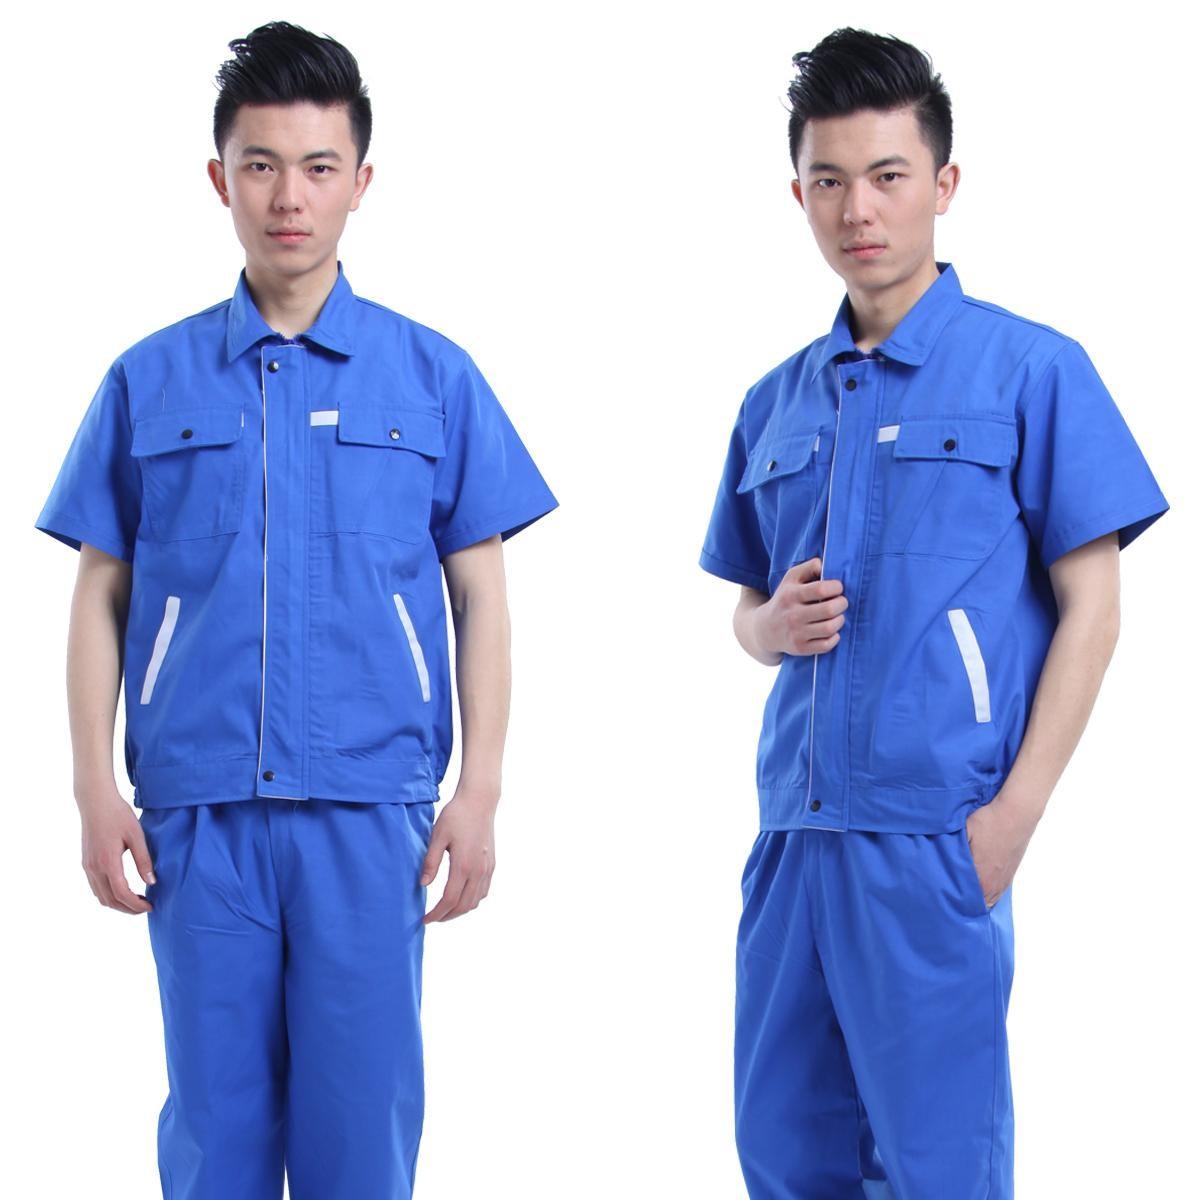 xưởng may đồng phục giá rẻ